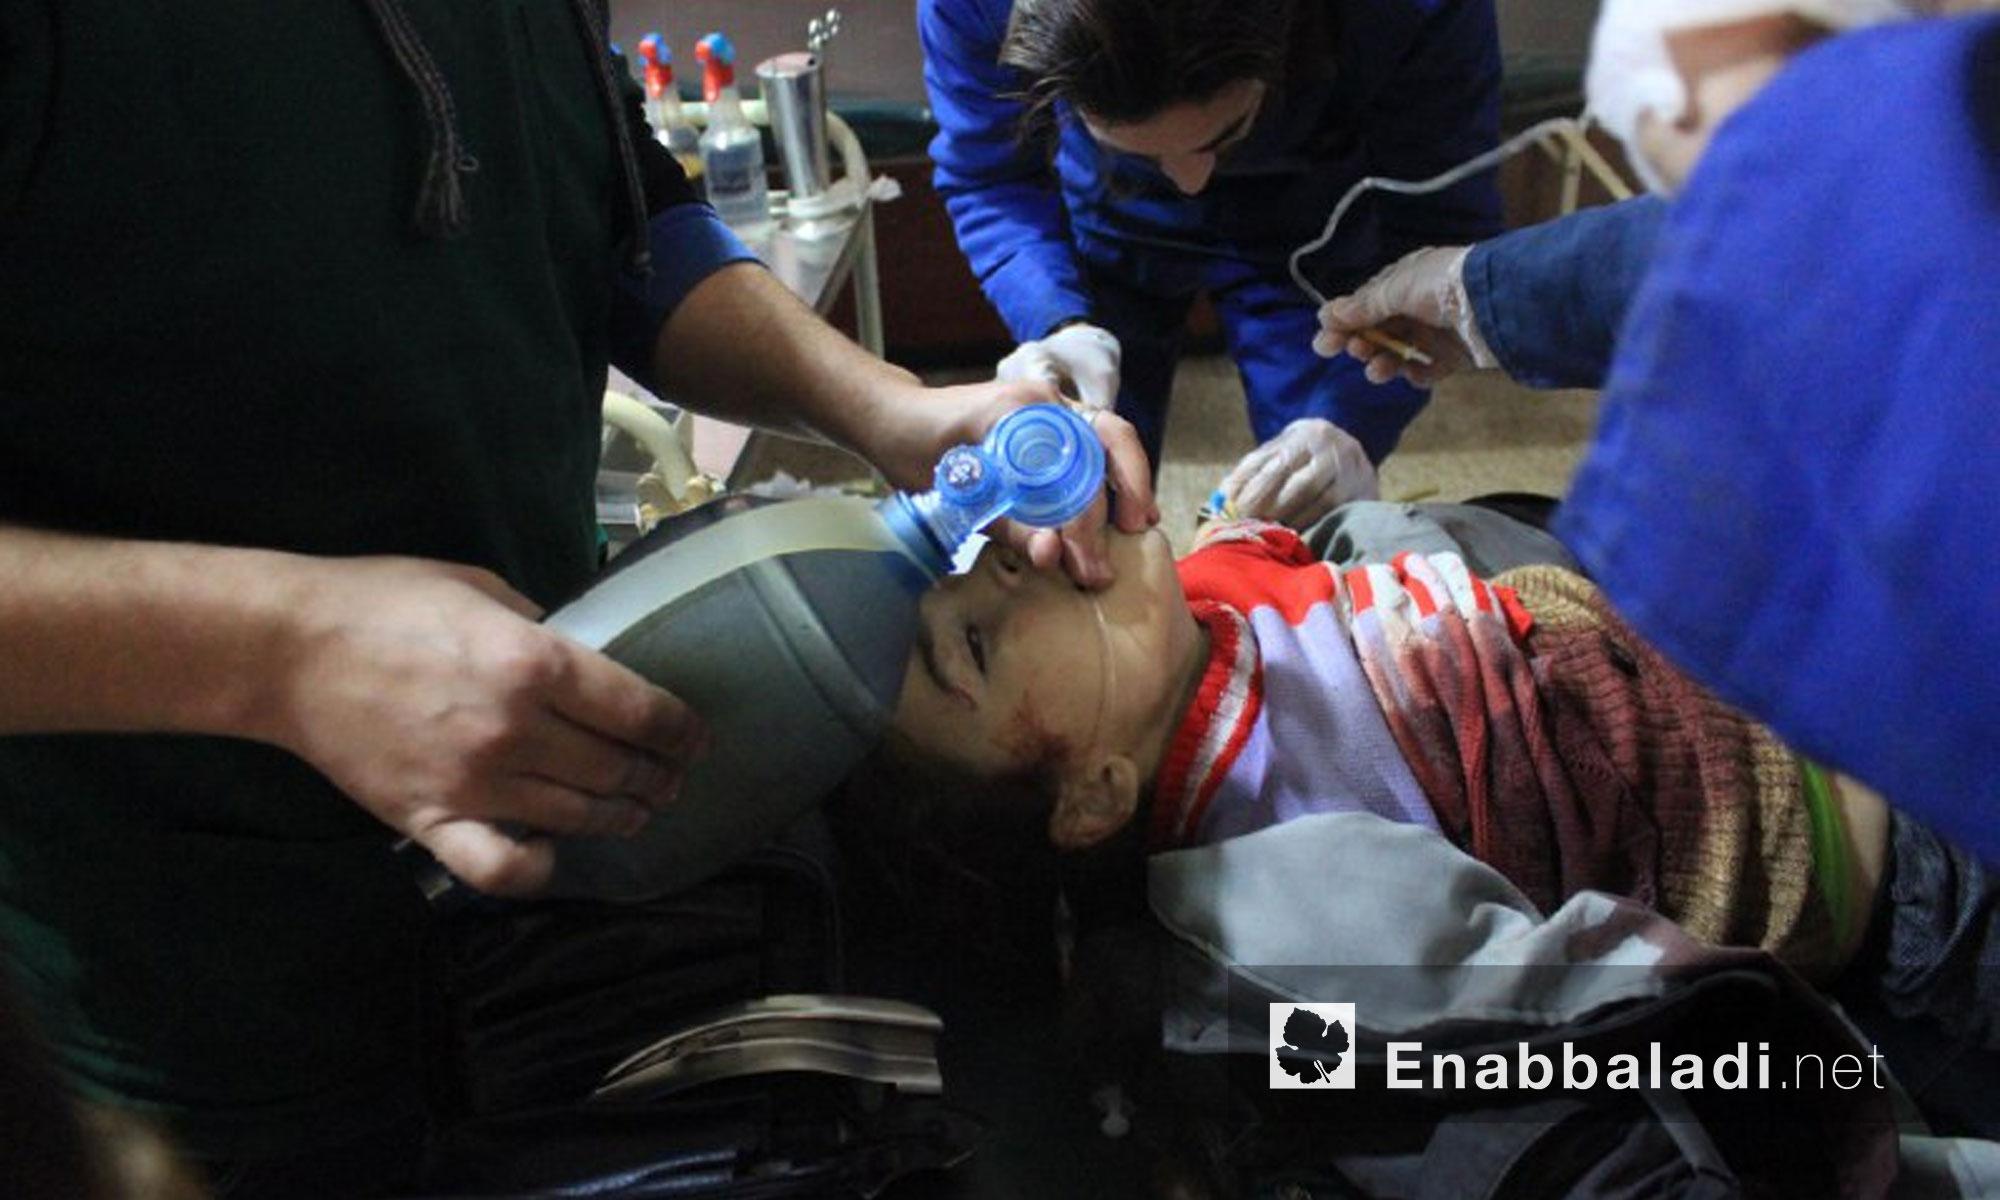 جرحى جراء القصف على بلدة حمورية في الغوطة الشرقية - 9 كانون الثاني 2018 (عنب بلدي)